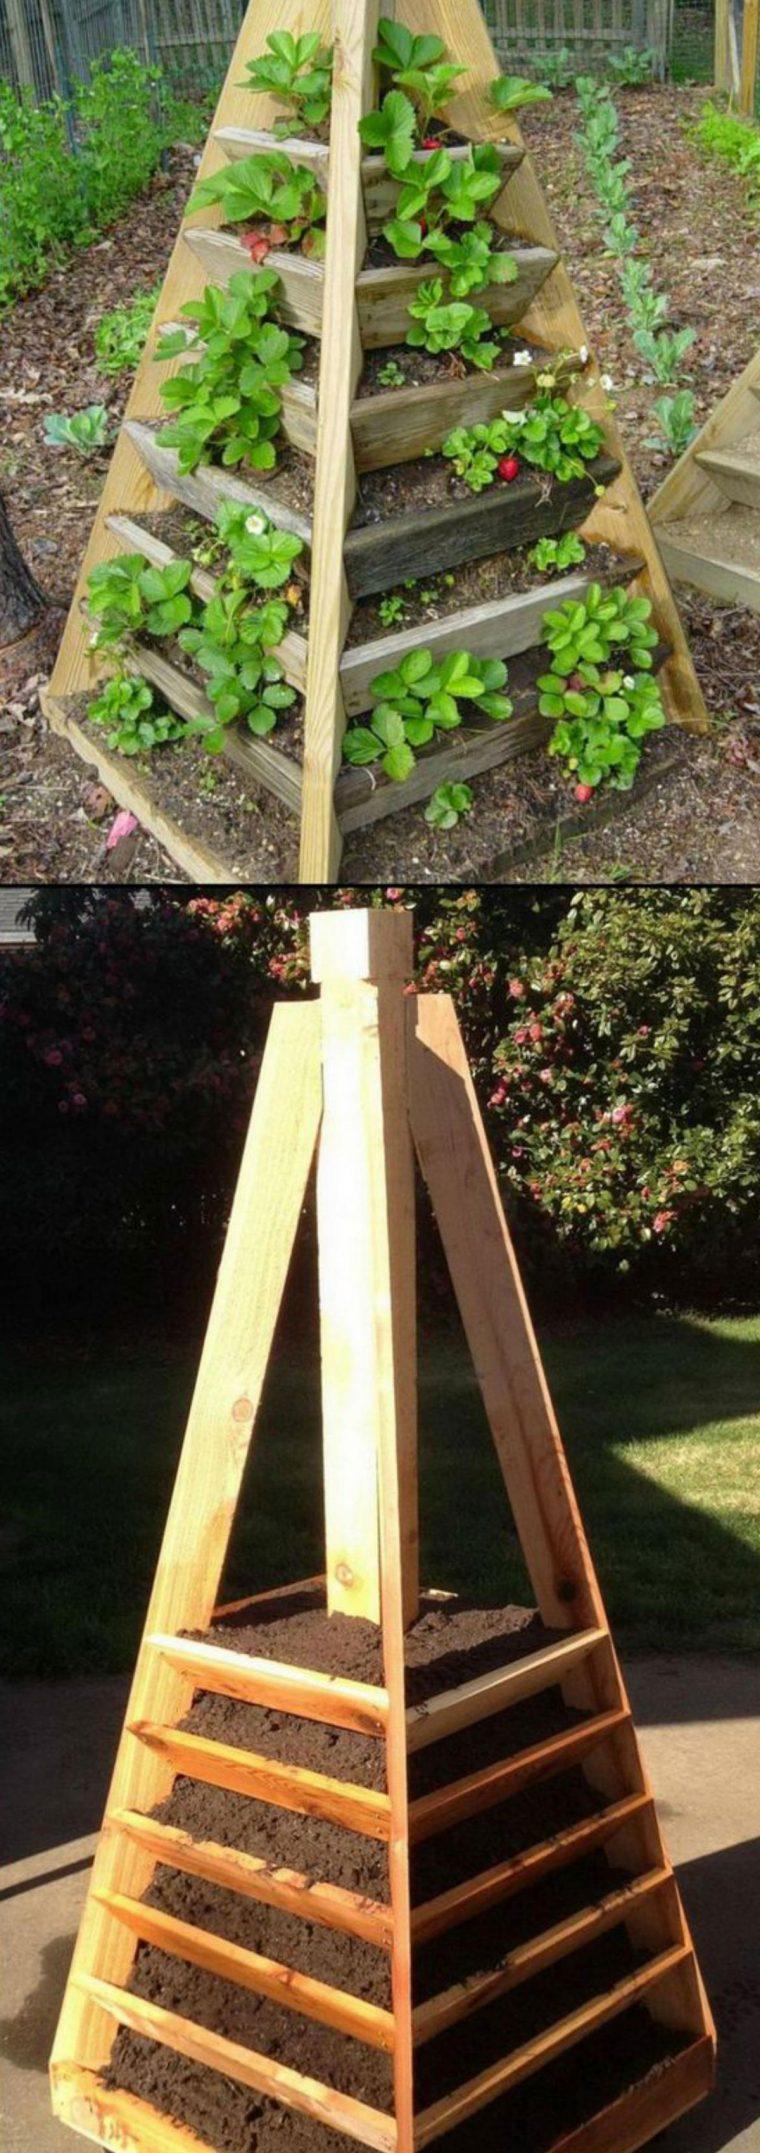 1497111864 604 9 formas diferentes de cultivar morangos em sua casa 9 formas diferentes de cultivar morangos em casa